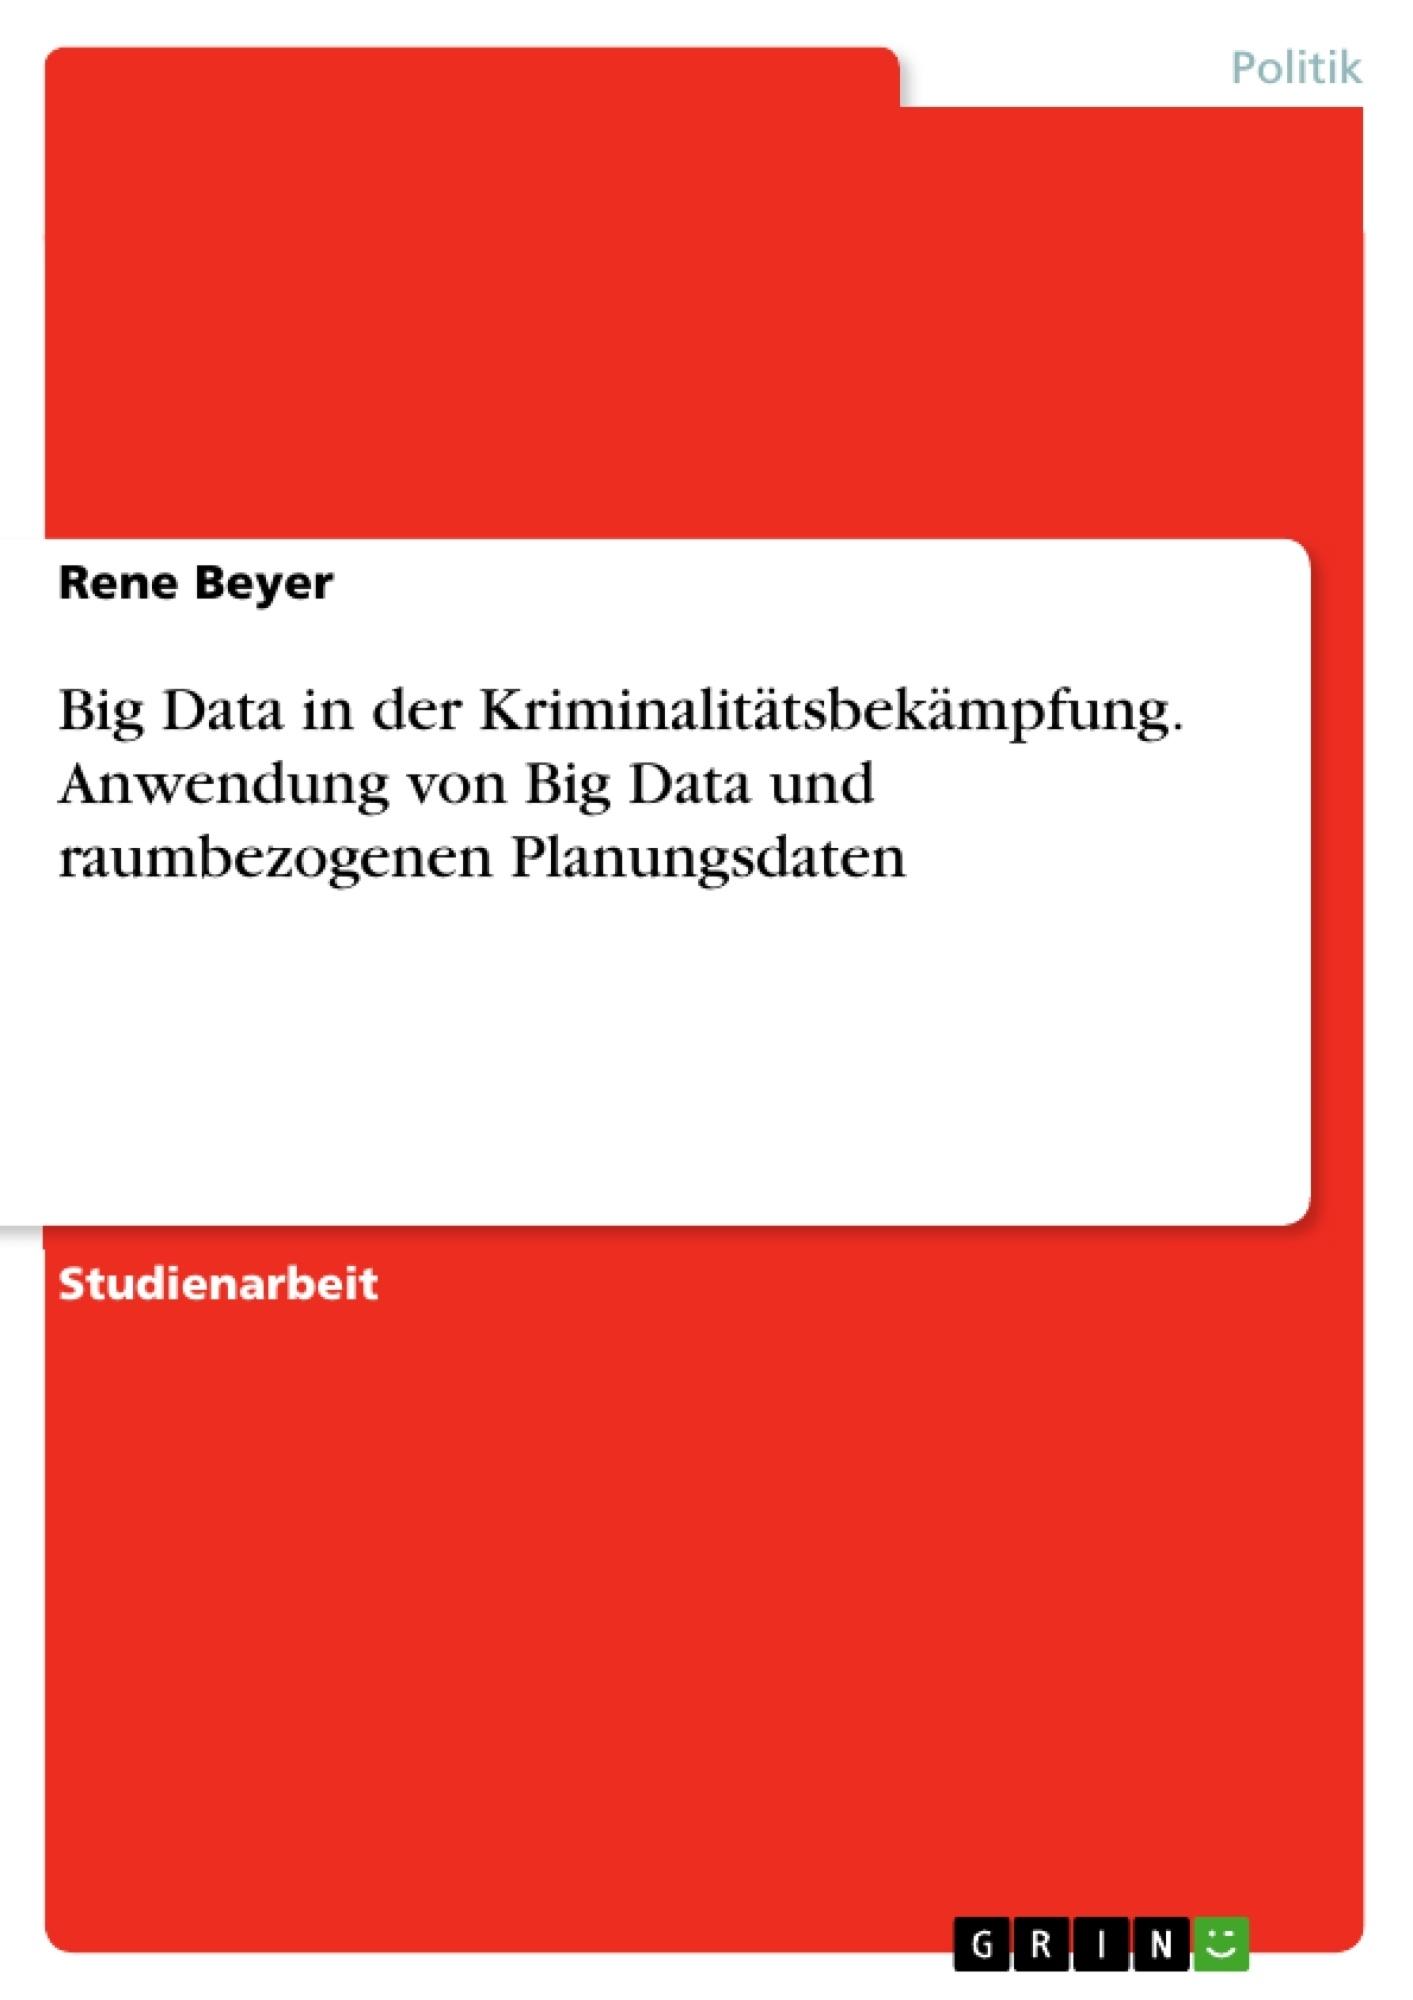 Titel: Big Data in der Kriminalitätsbekämpfung. Anwendung von Big Data und raumbezogenen Planungsdaten